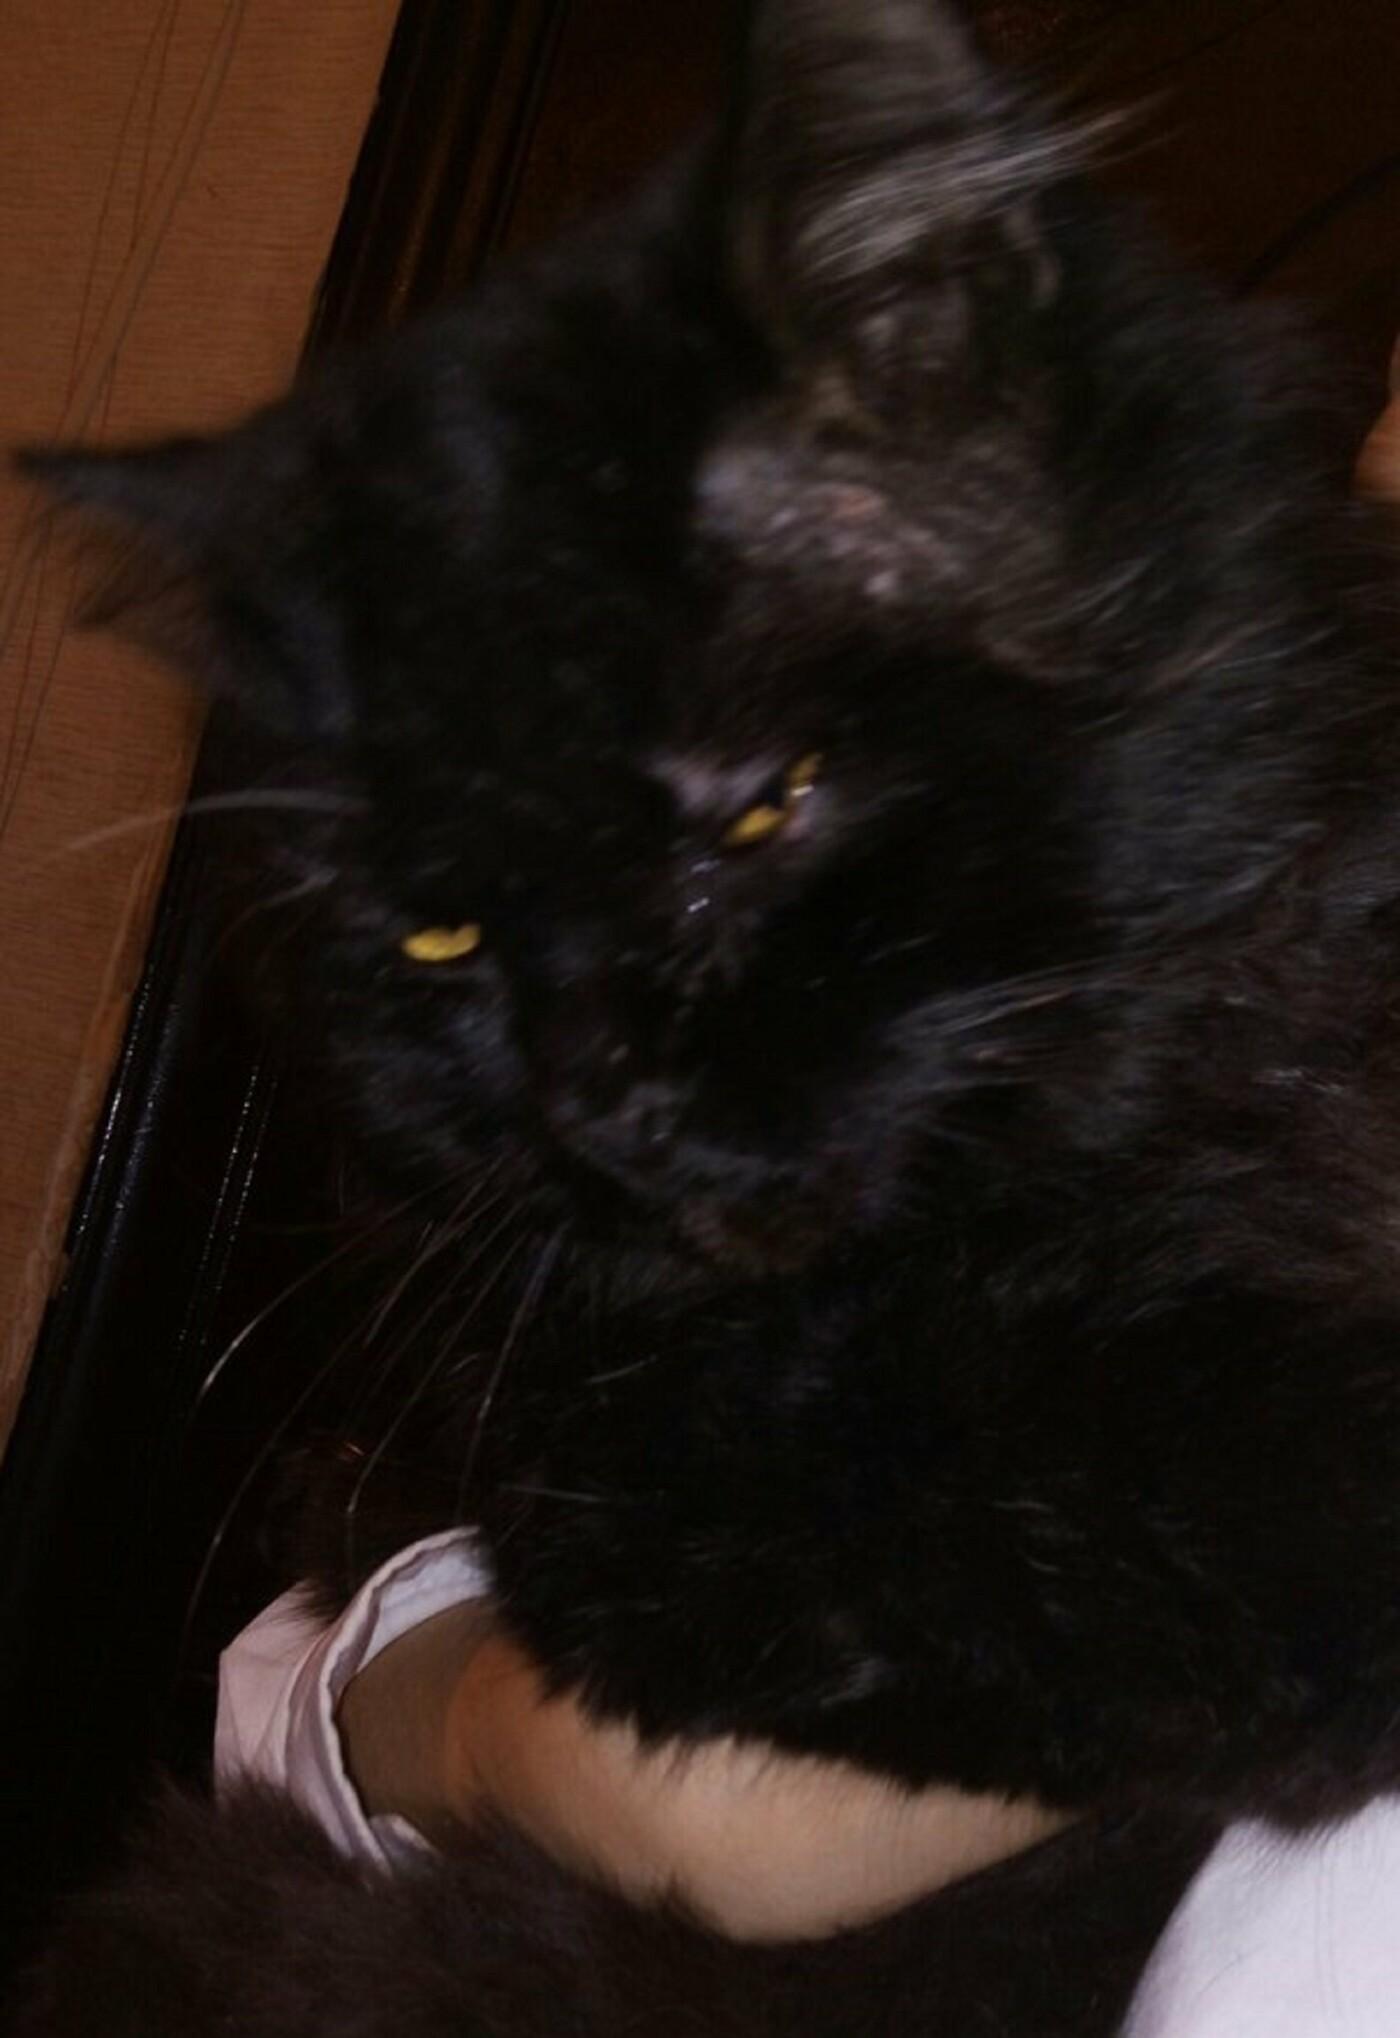 В Актау живодеры перерезали горло коту и бросили умирать на улице, фото-3